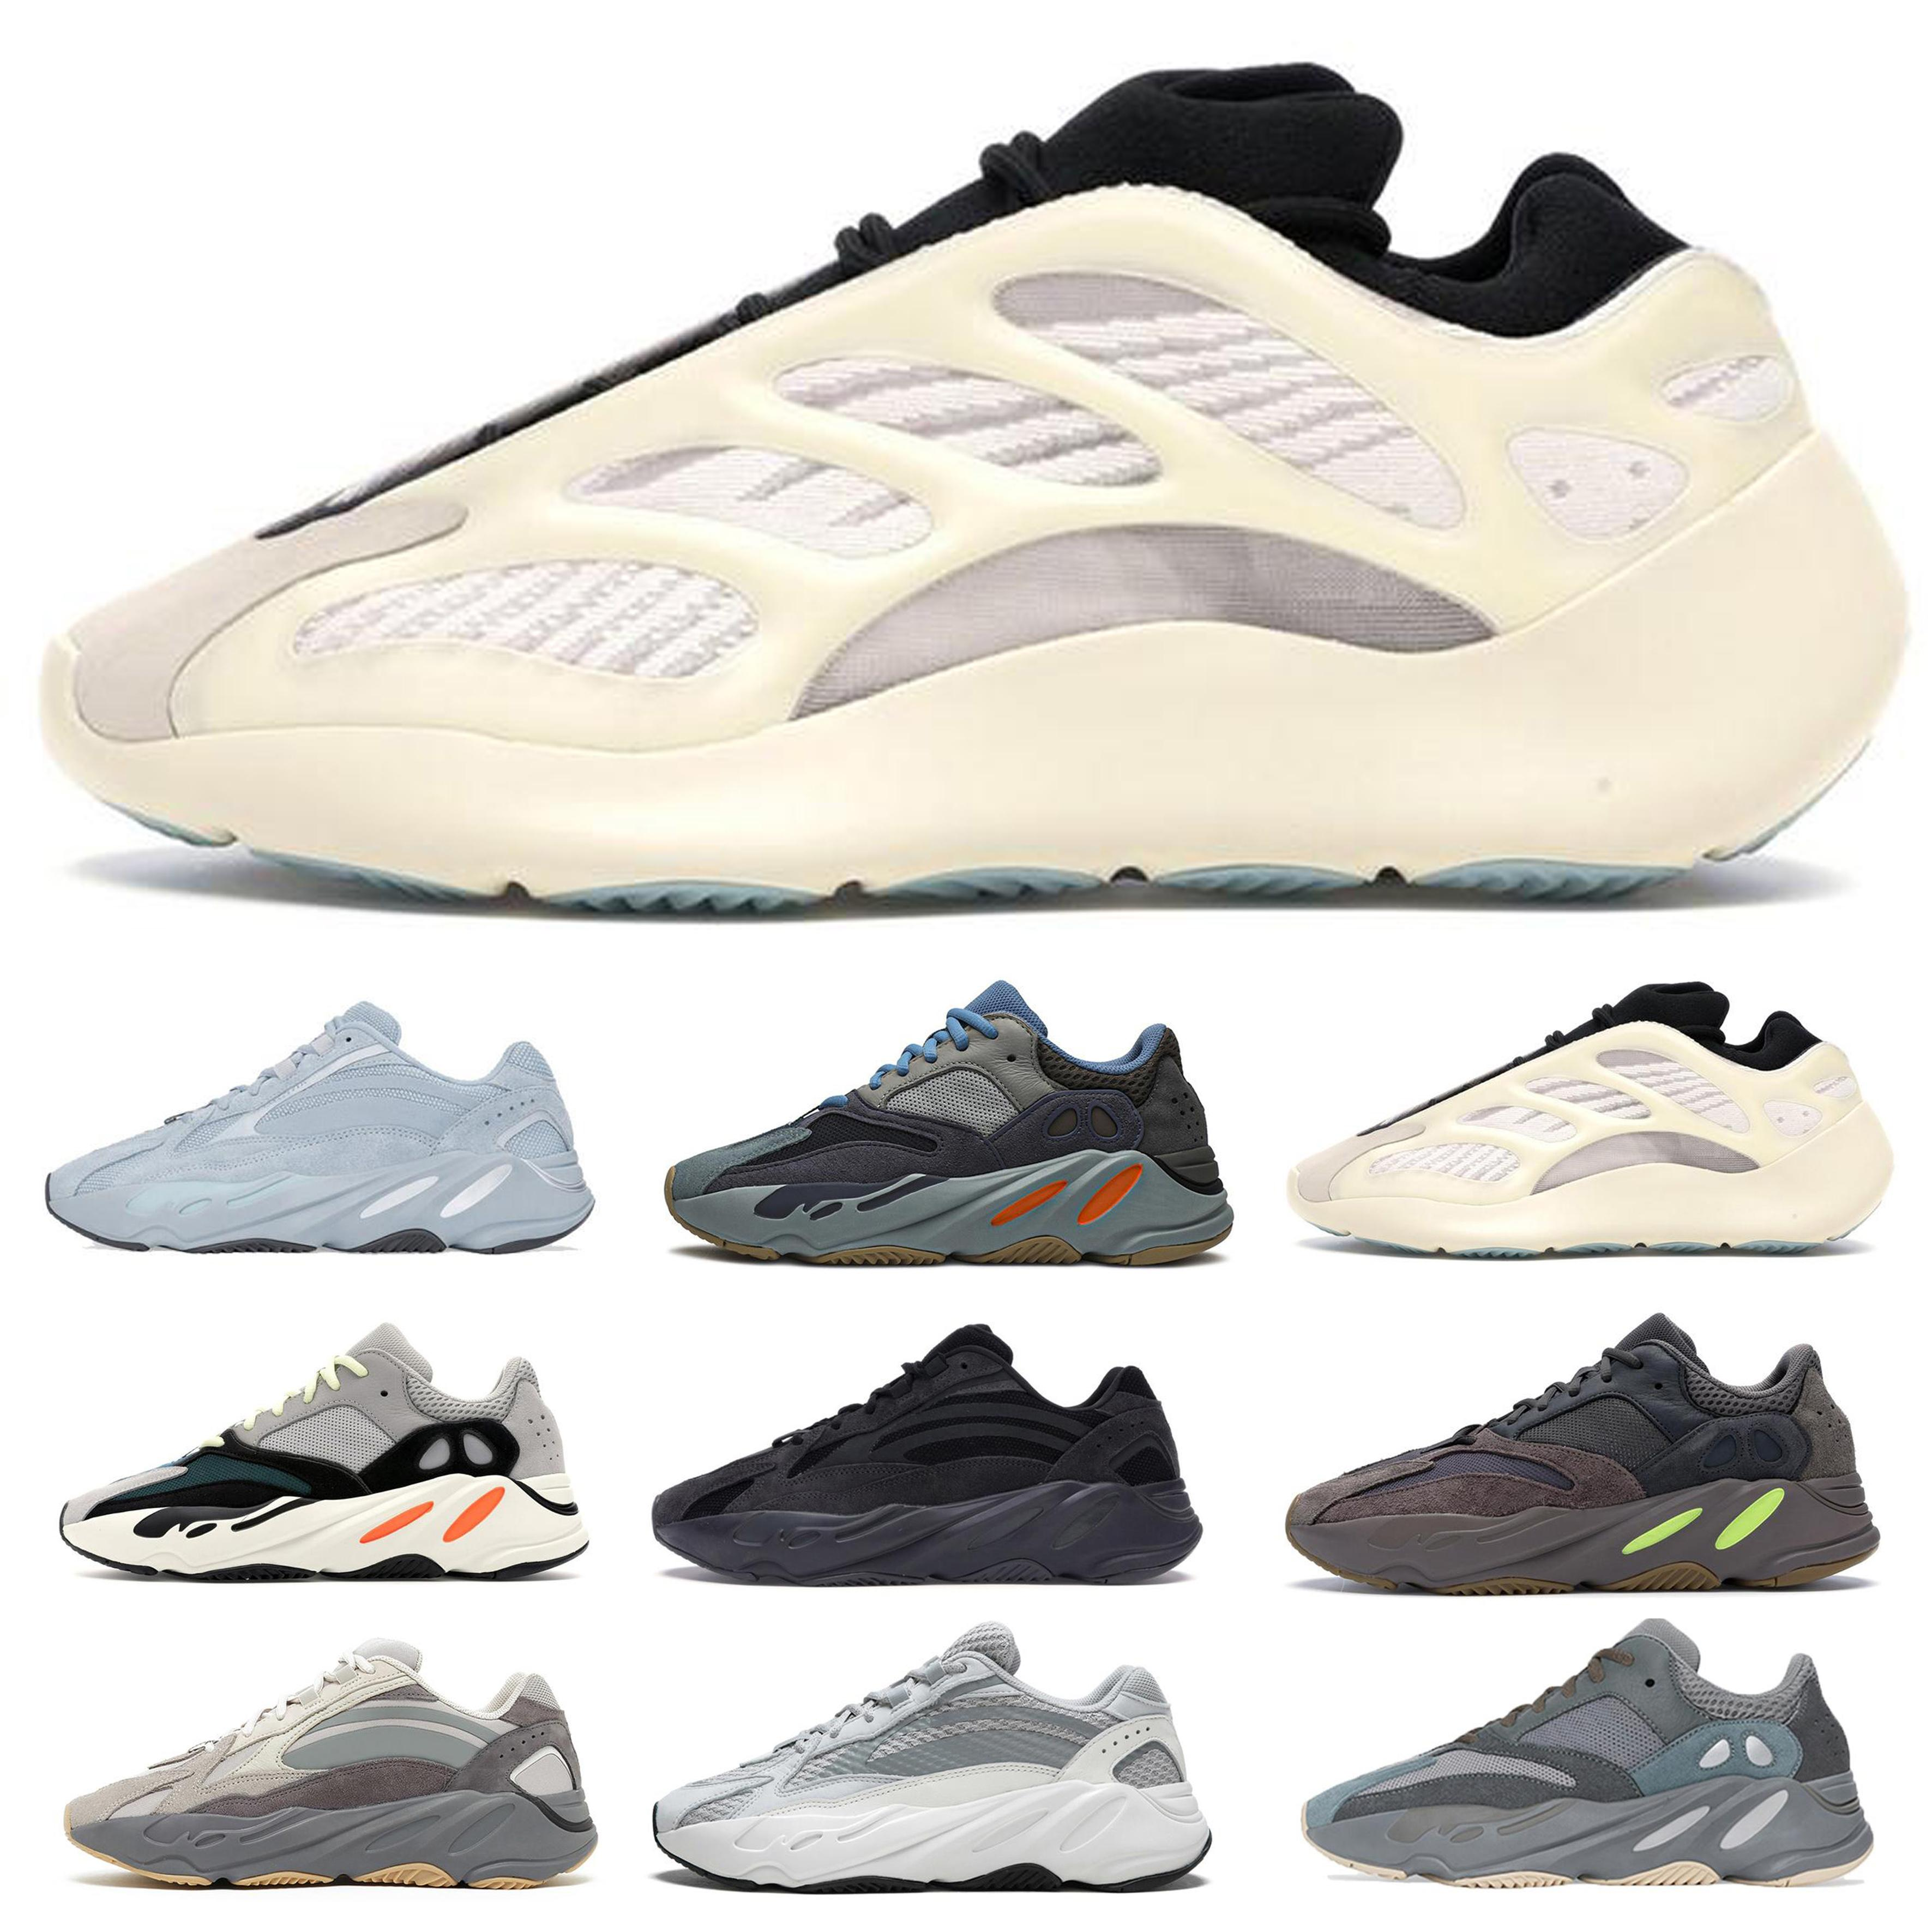 kanye west 700 мужские дизайнерские кроссовки роскошные женские повседневные воздушные туфли тройной черный белый красный des chaussures нижние спортивные кроссовки